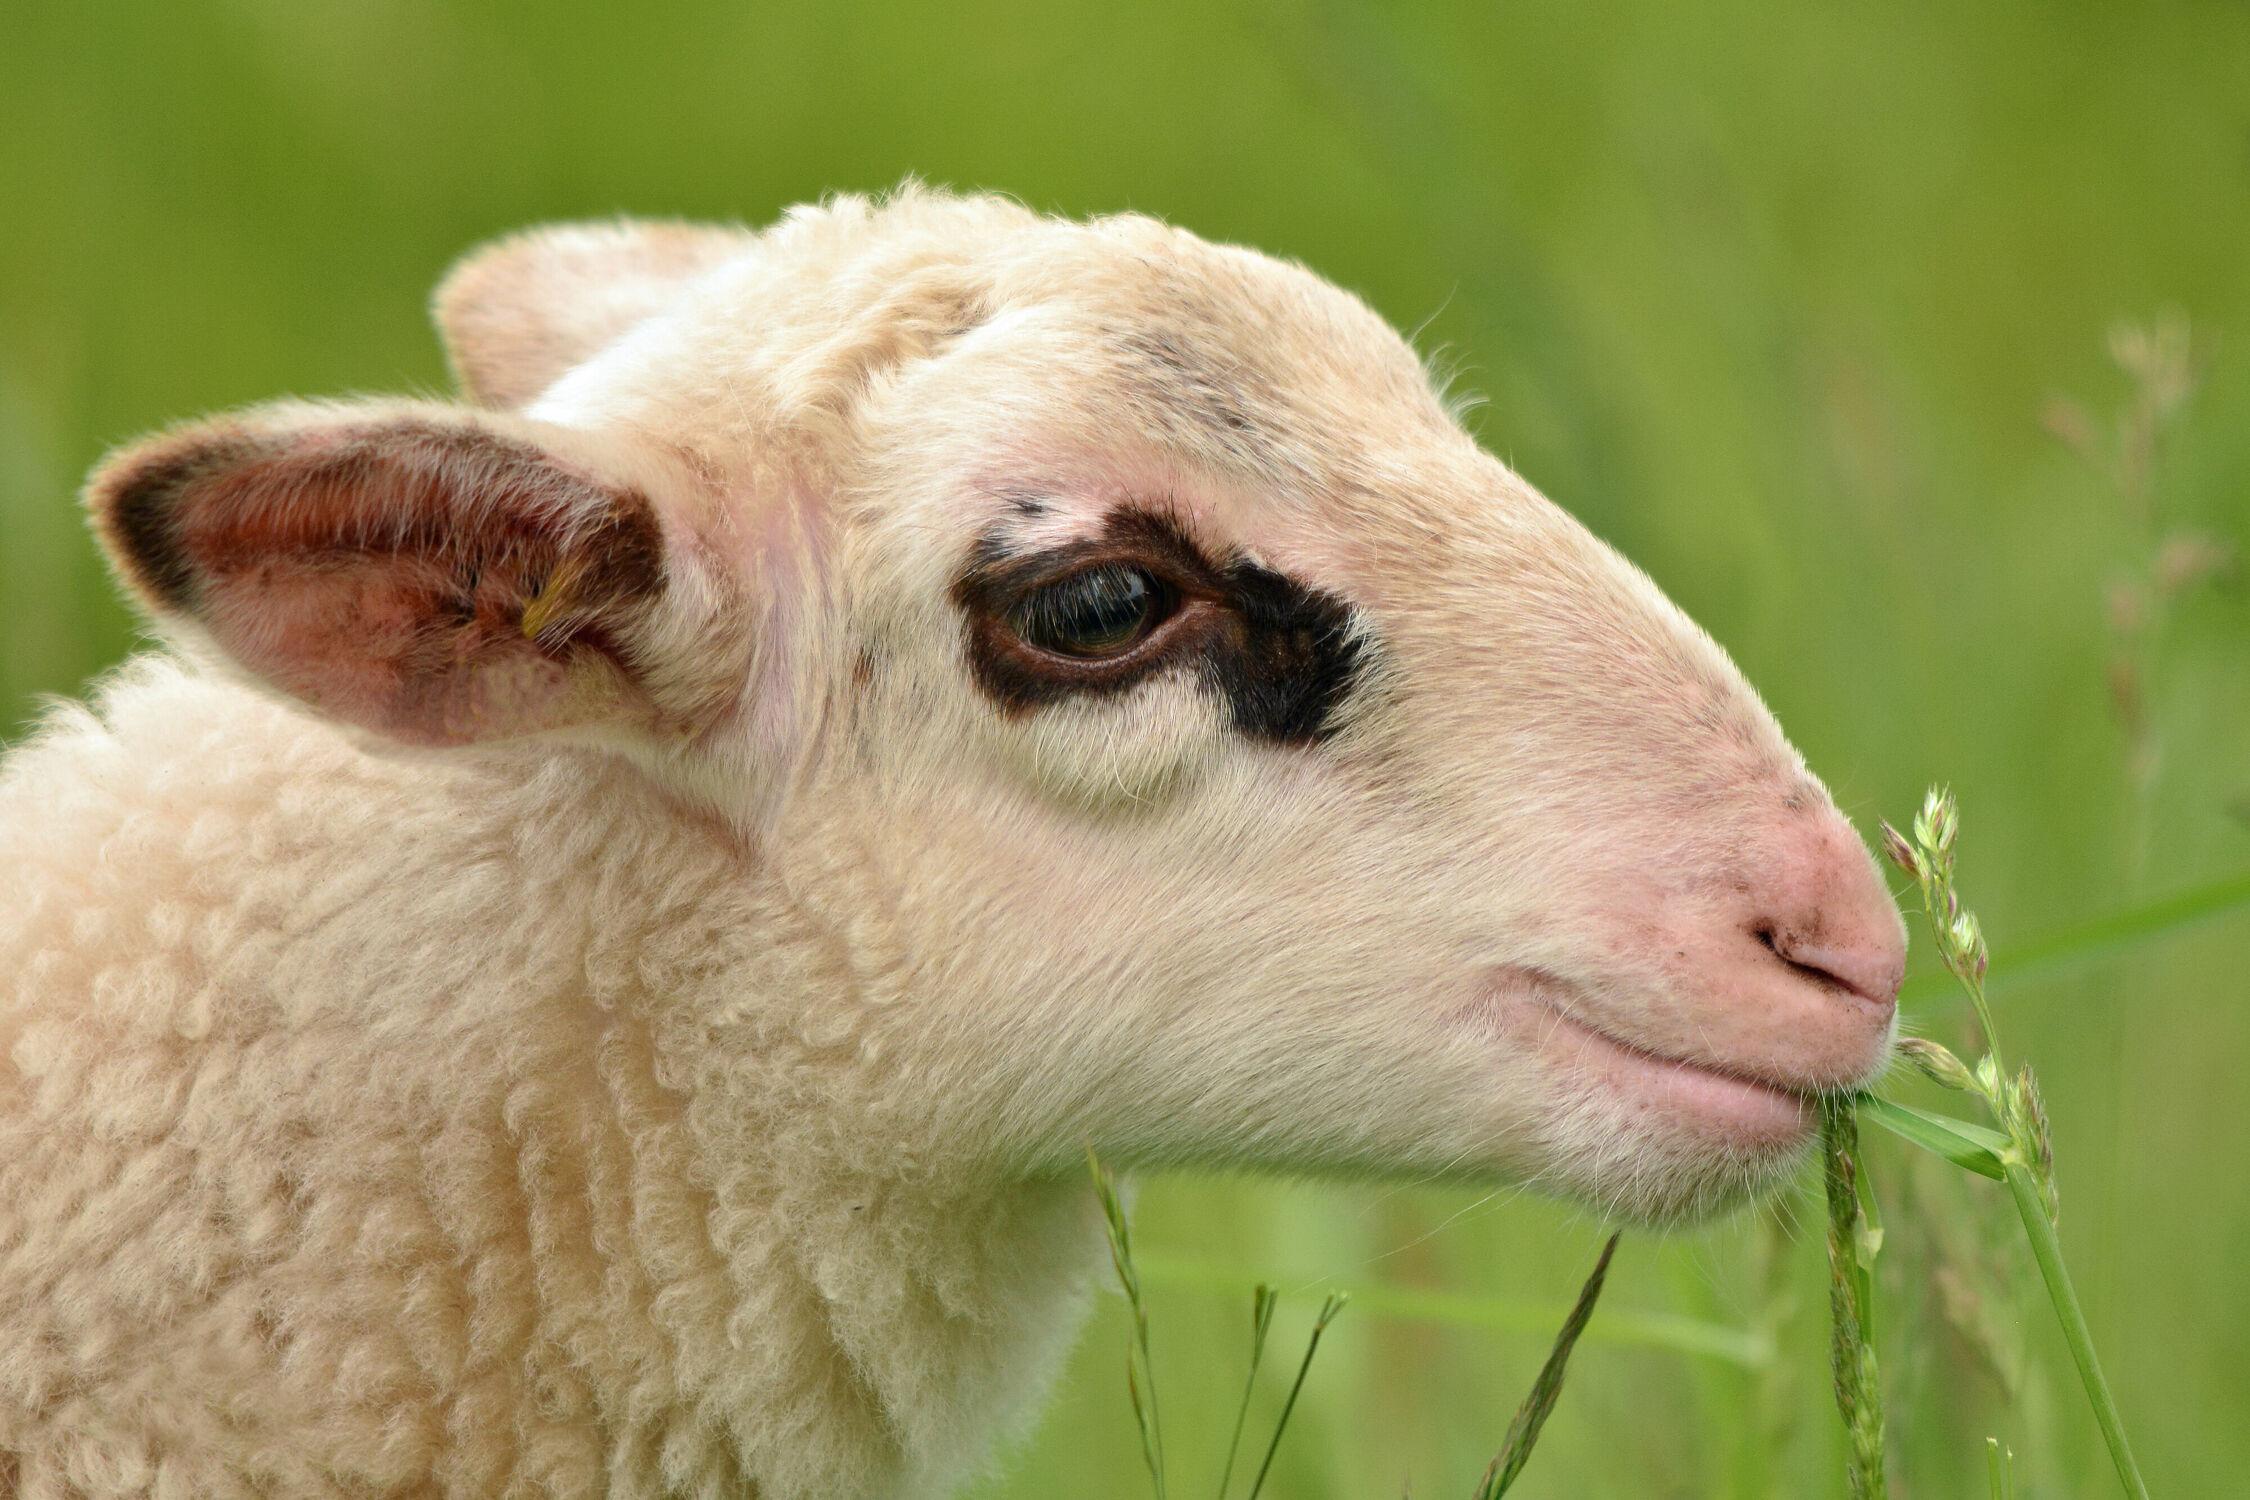 Bild mit Säugetiere, Gras, Schaf, Tierpark, Grashalme, Freizeit, Grassamen